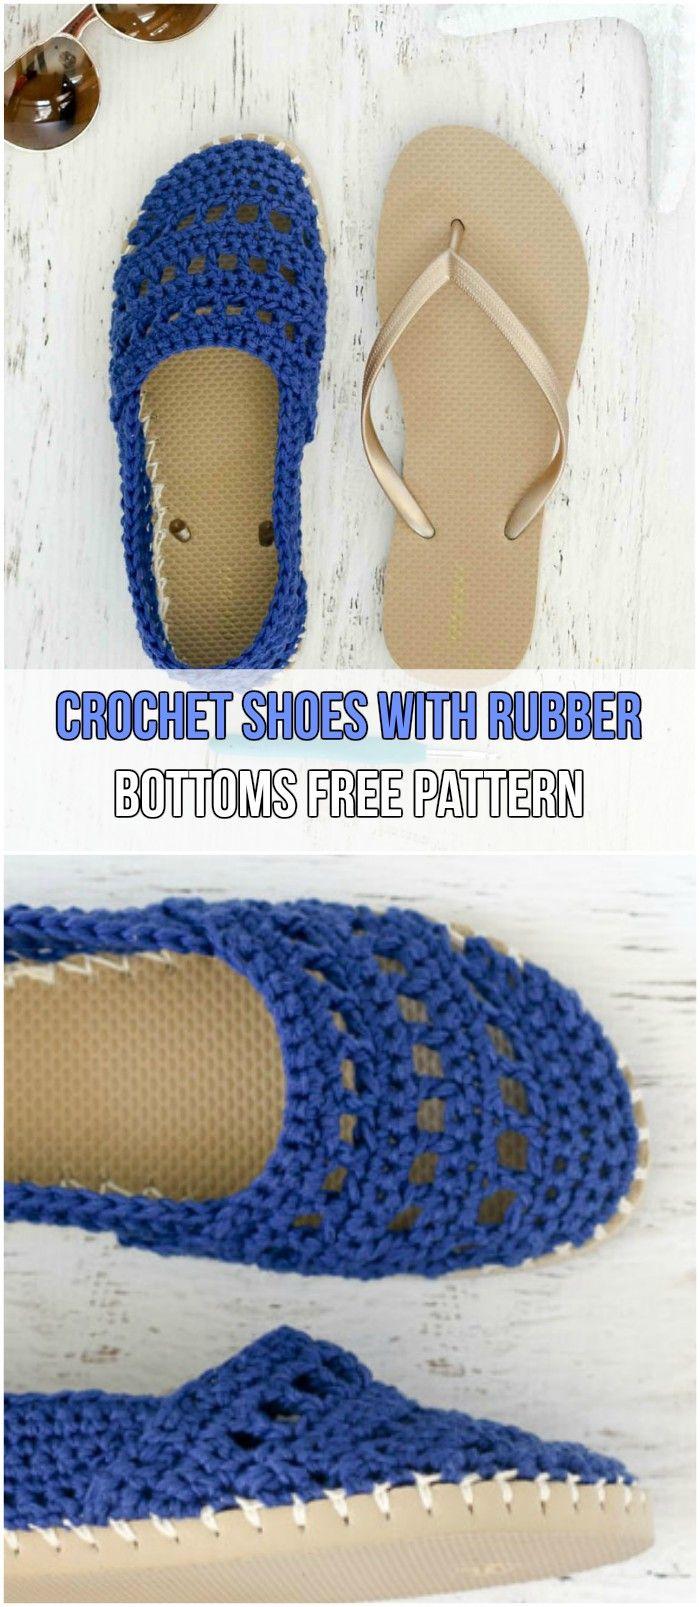 7 Easy Crochet Slippers Free Patterns | Confección zapatos hechos a ...